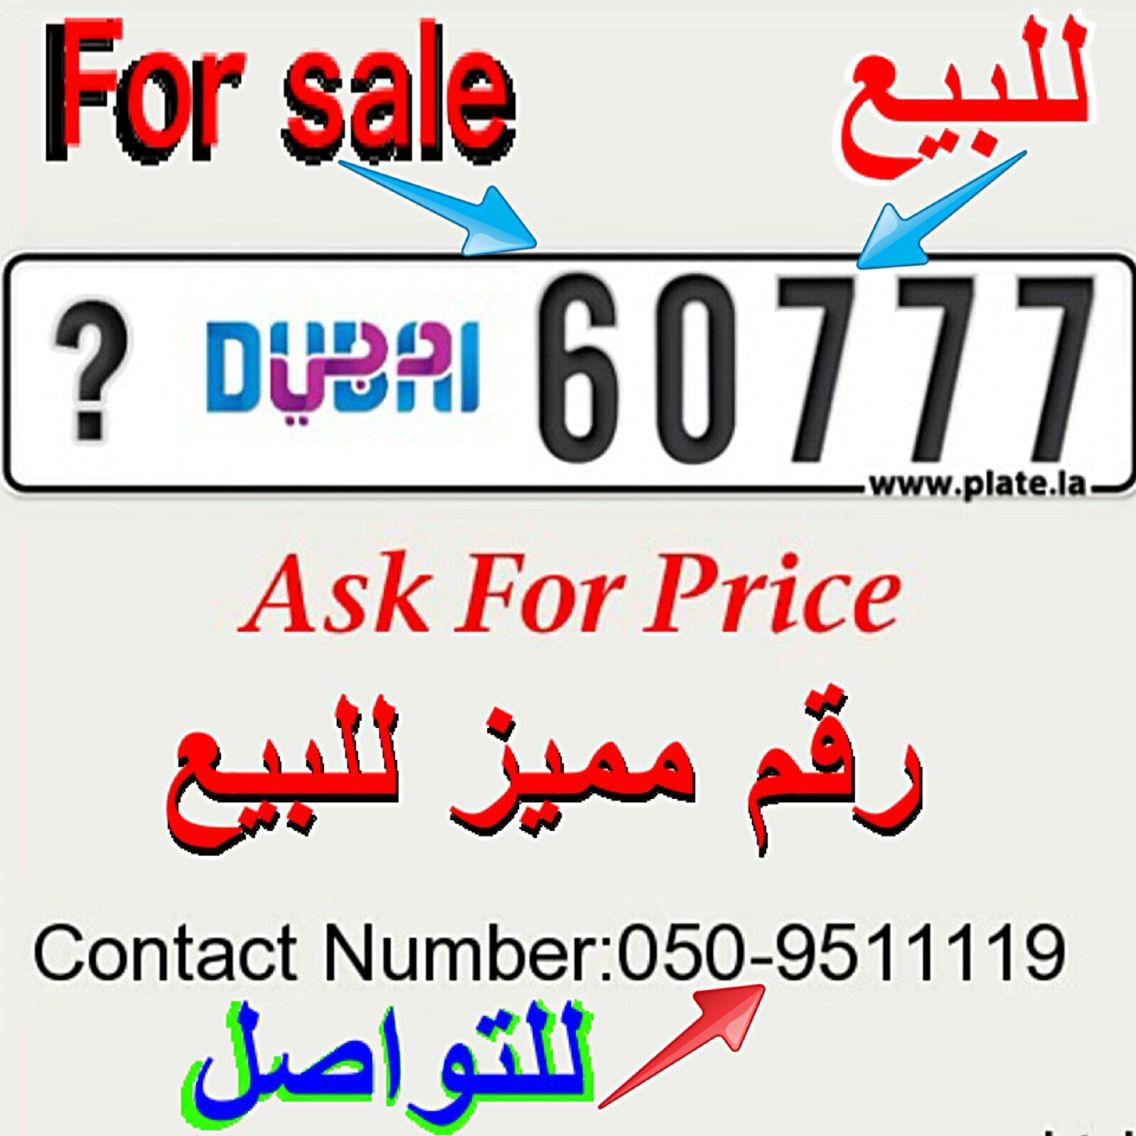 للبيع رقم مميز لوحة مركبة لإمارة دبي للتواصل 00971509511119 اعلانvip واتساب رقم مميز انستقرام Uae4cars2u لمشاهدة اعلانات اخرى ادخل حسابنا Uae4cars2u I